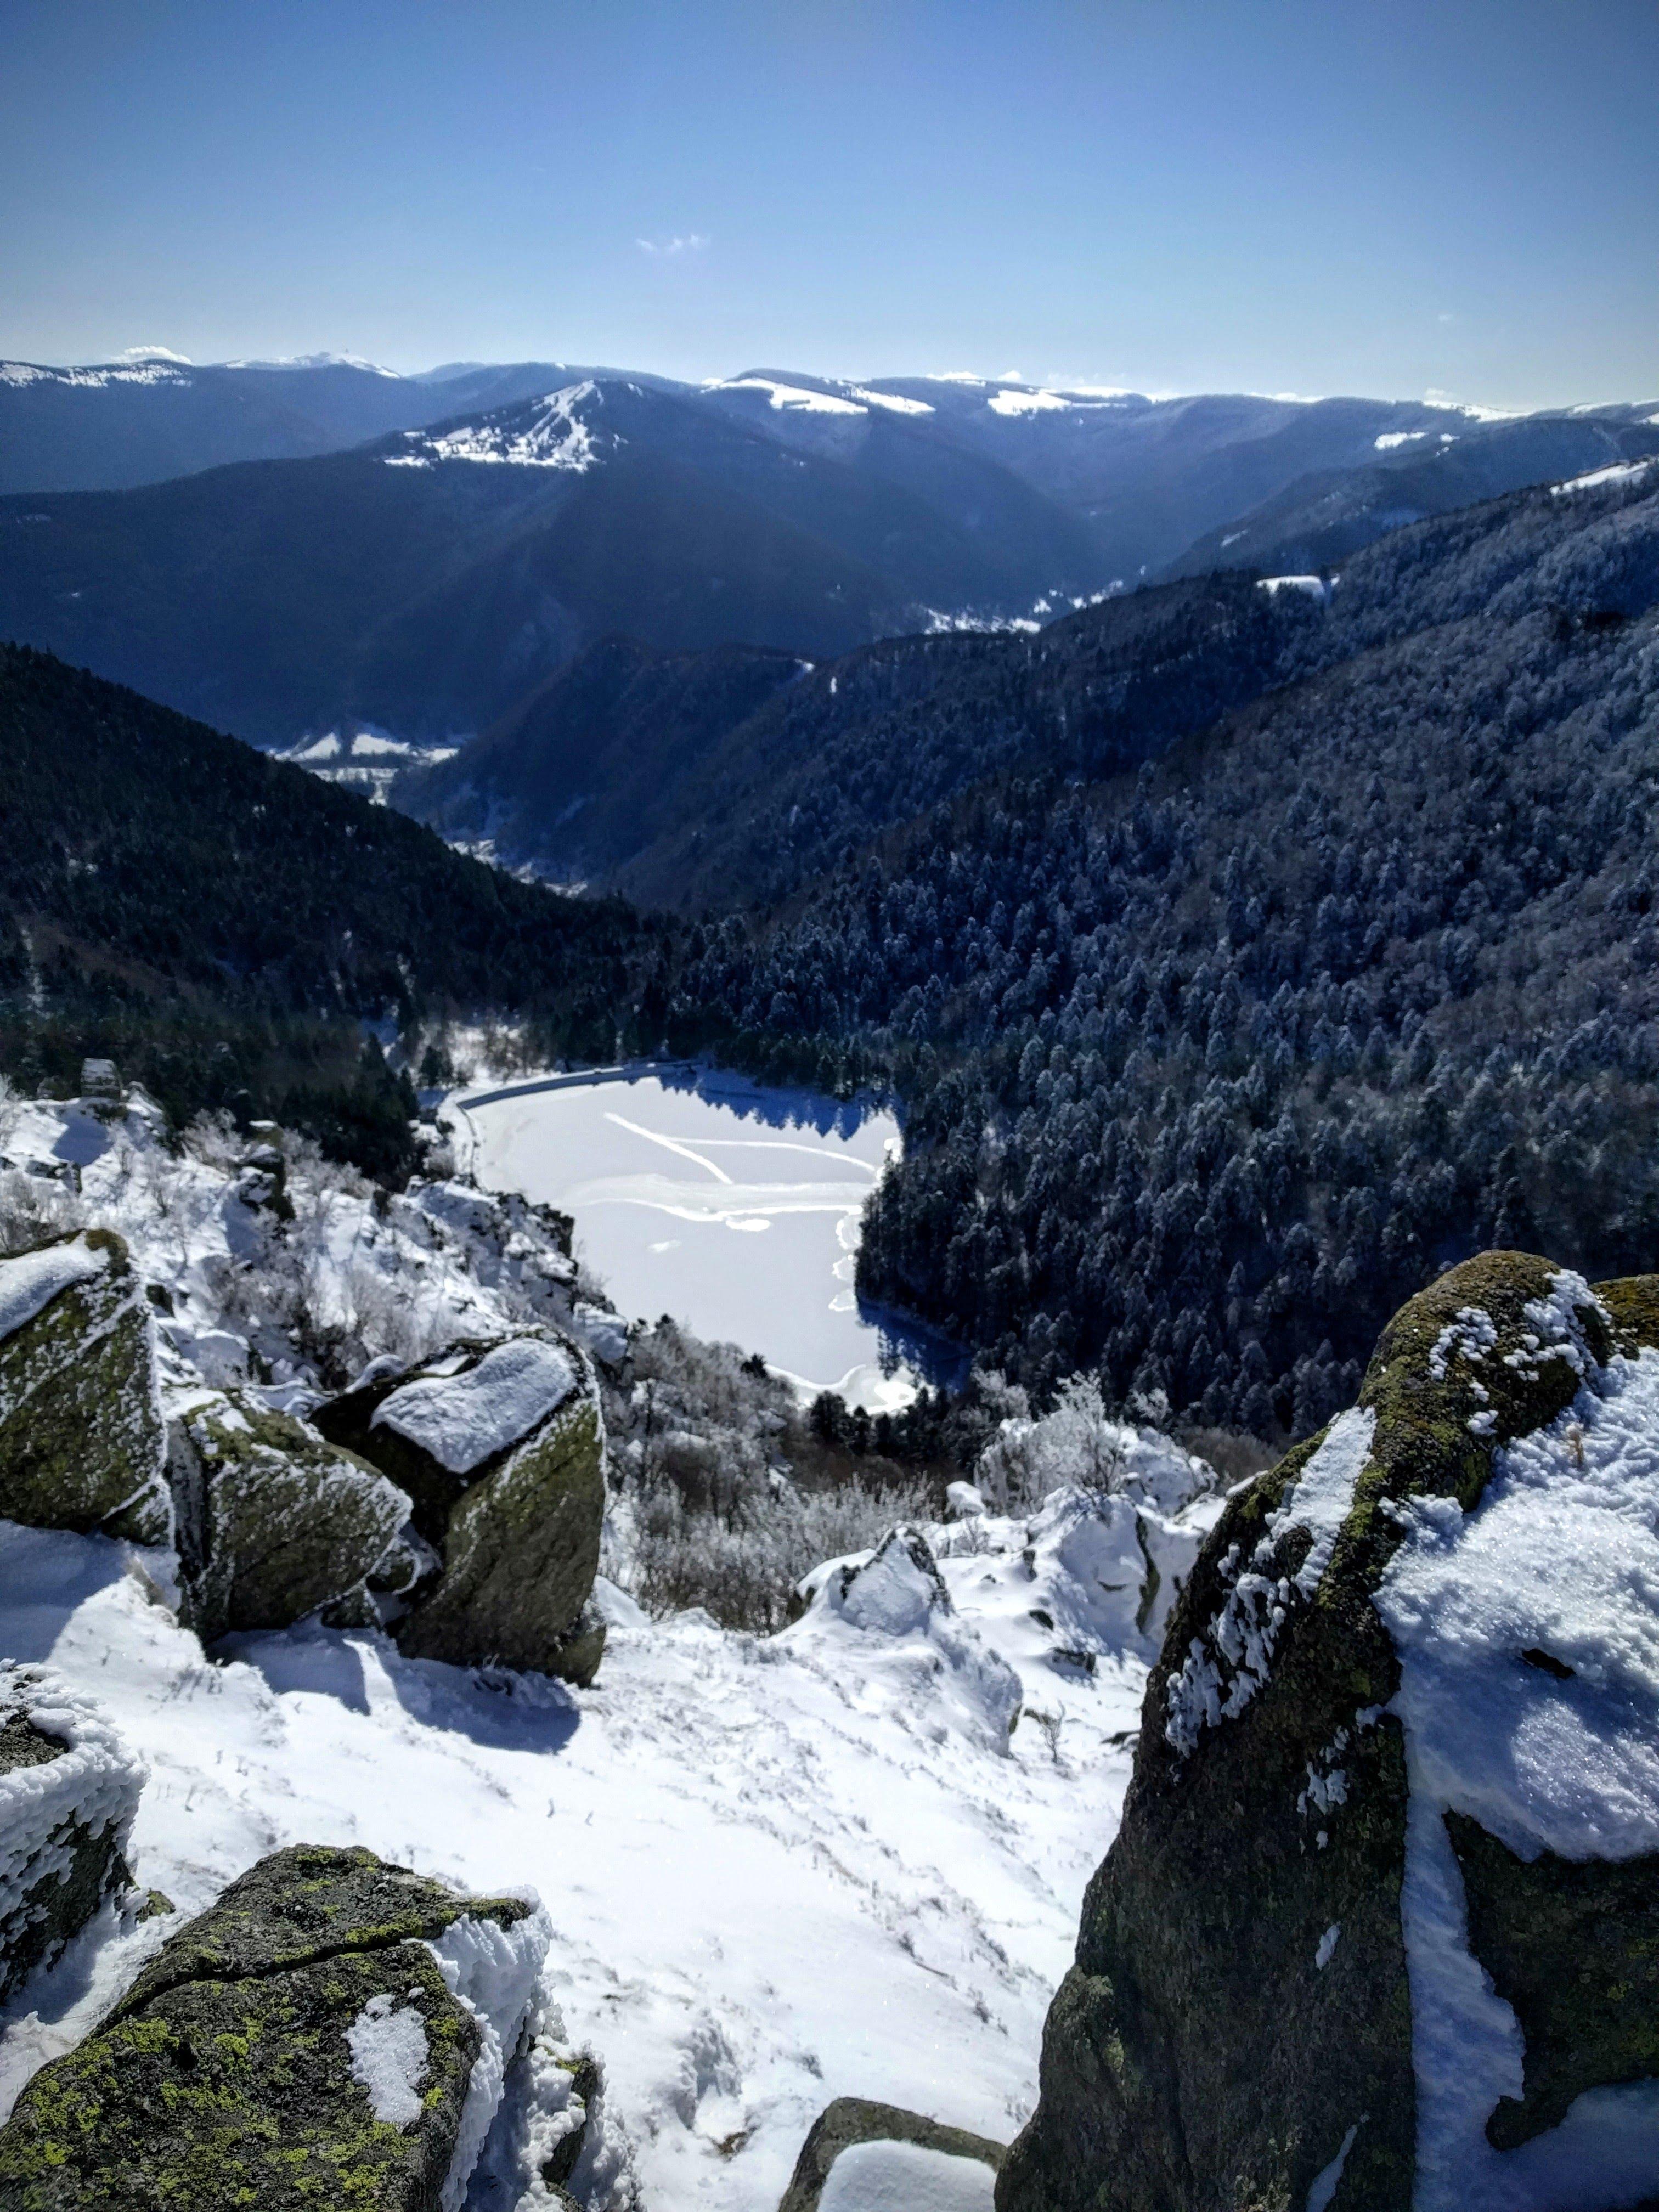 lac du schiessrothried gelé en hiver